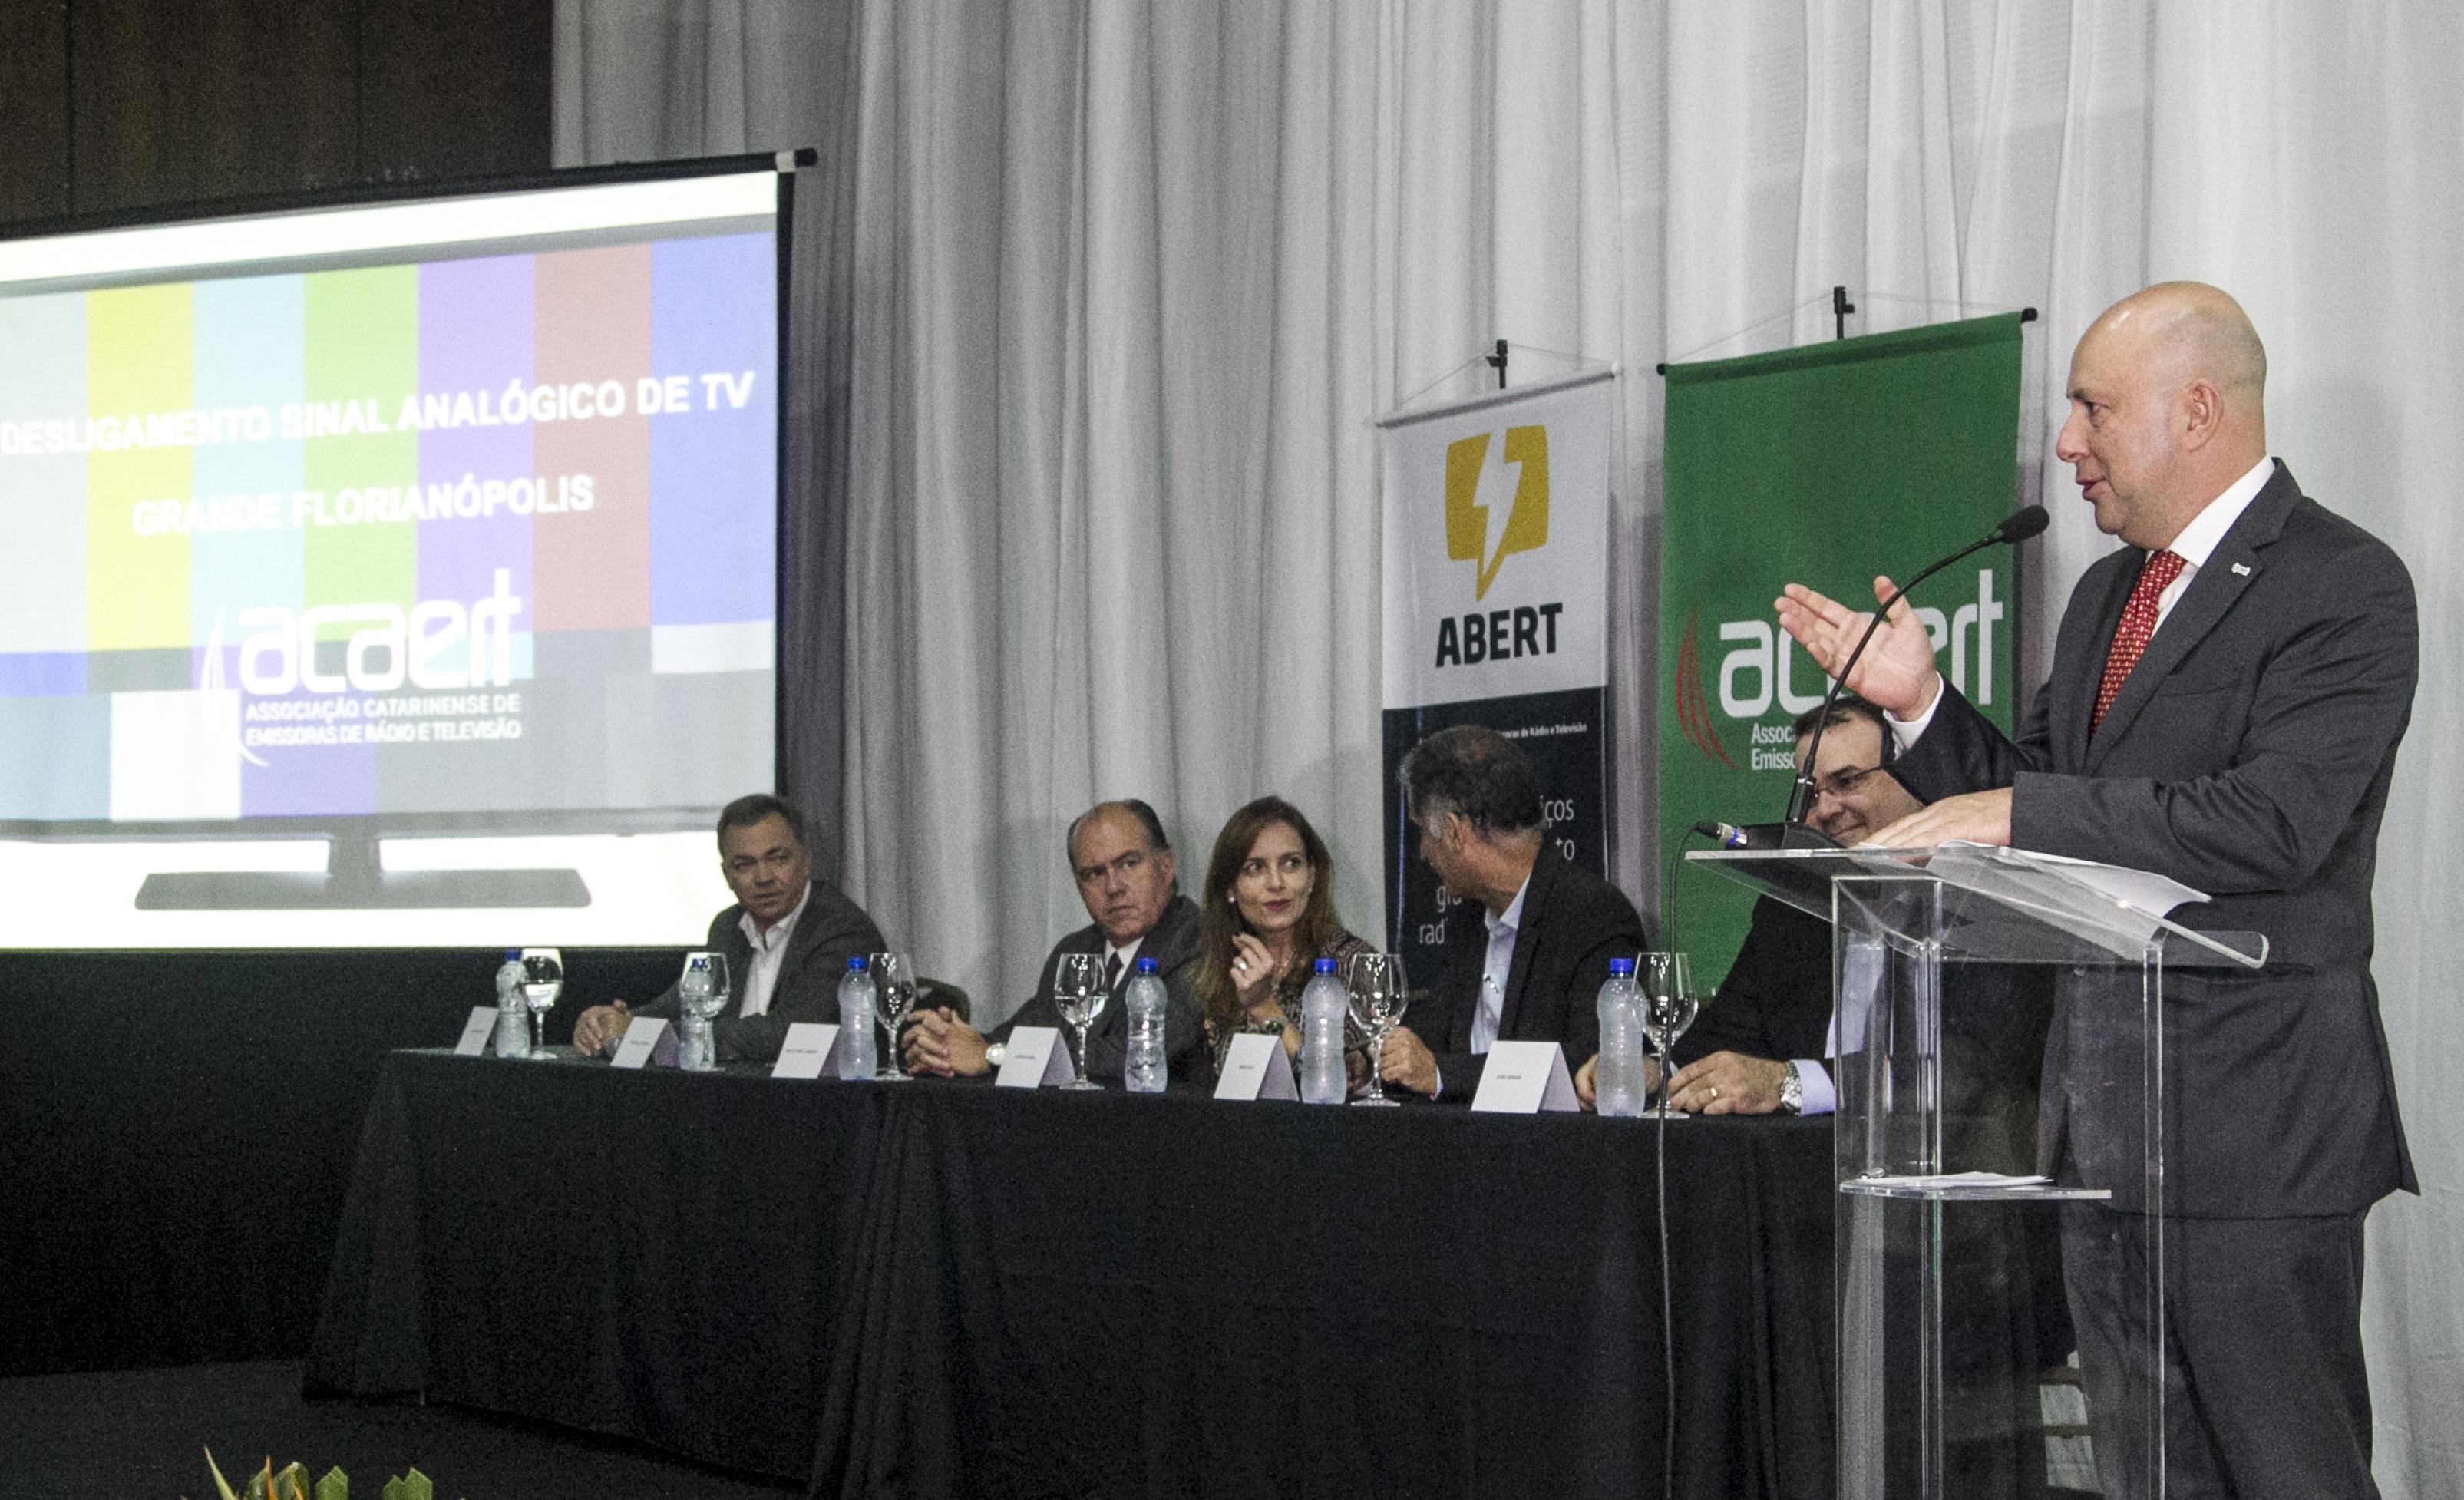 Petrelli discursou durante o lançamento da campanha sobre o desligamento do sinal analógico - Marco Santiago/ND